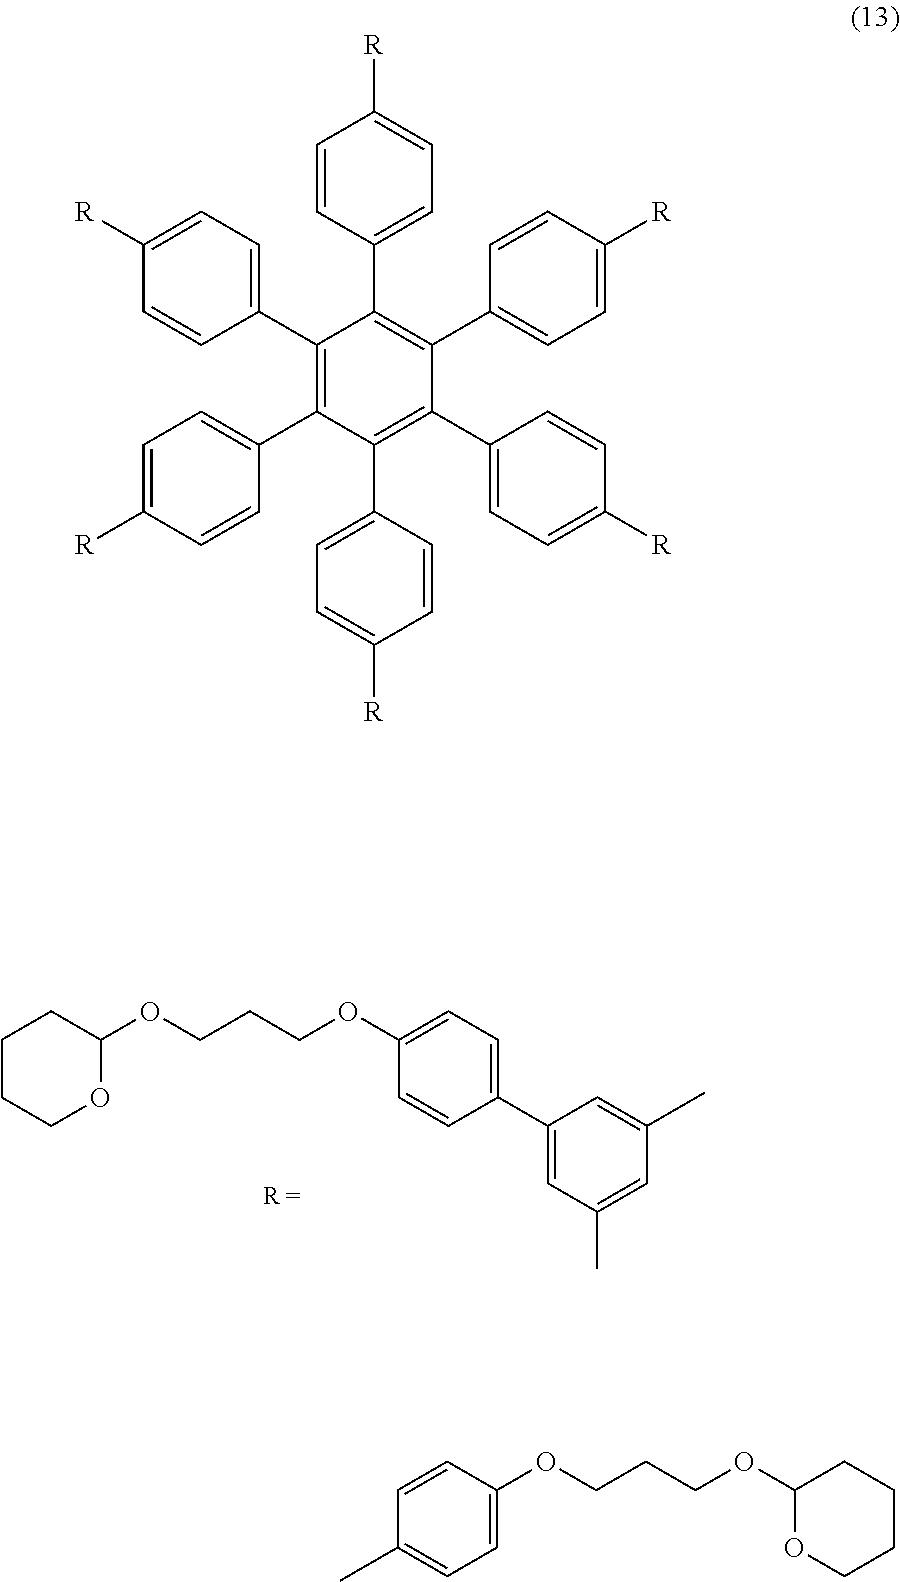 Figure US20110274713A1-20111110-C00035